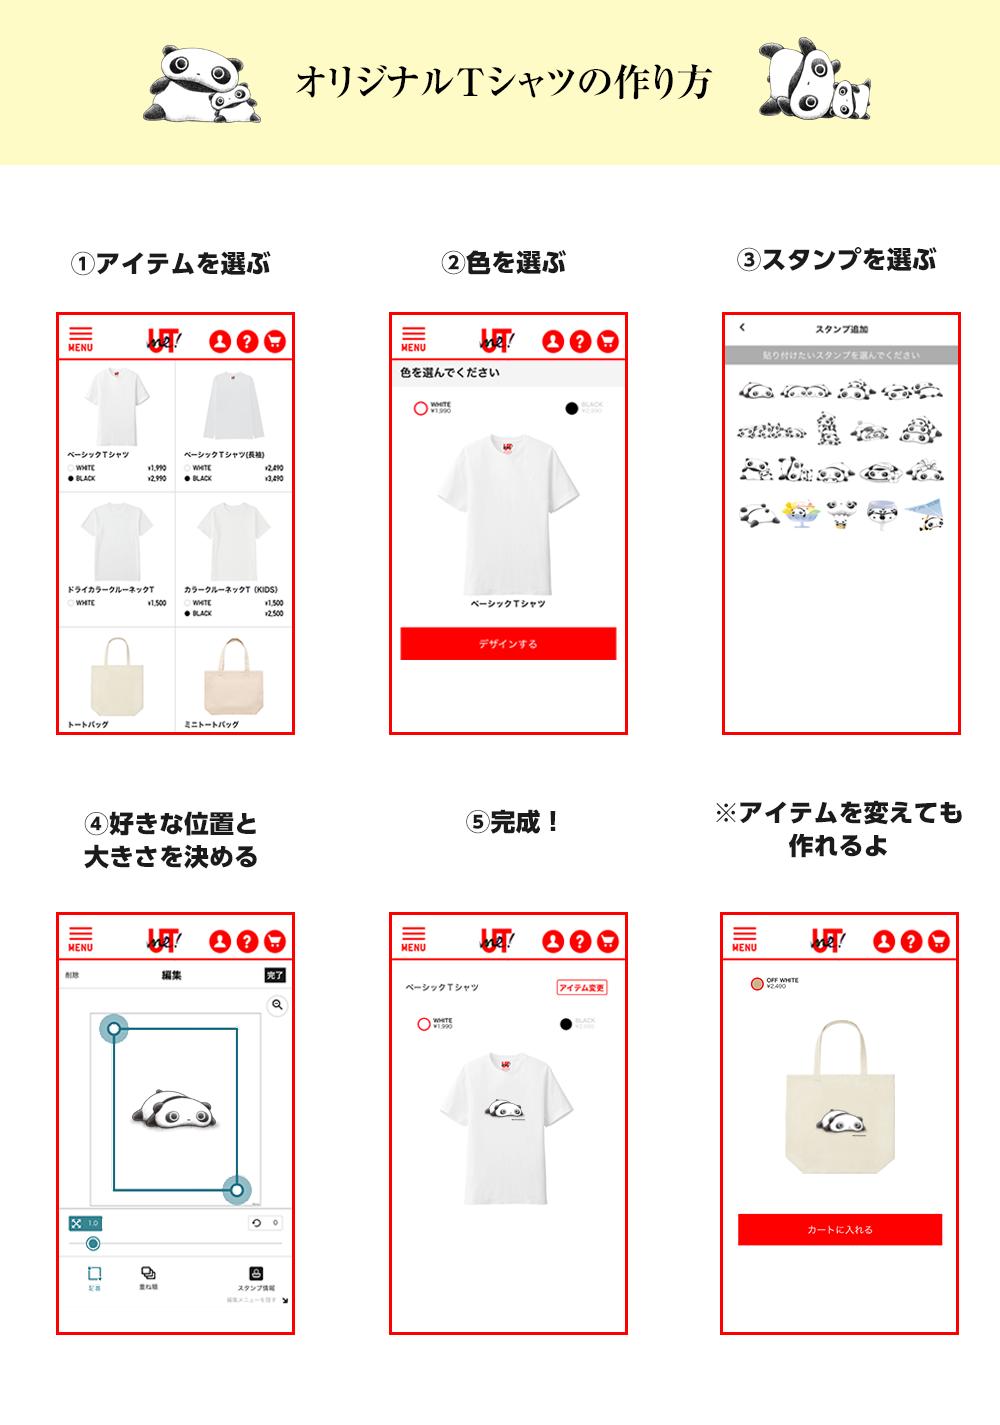 tarepanda_作り方_スタンプ_1000_1425 (2)